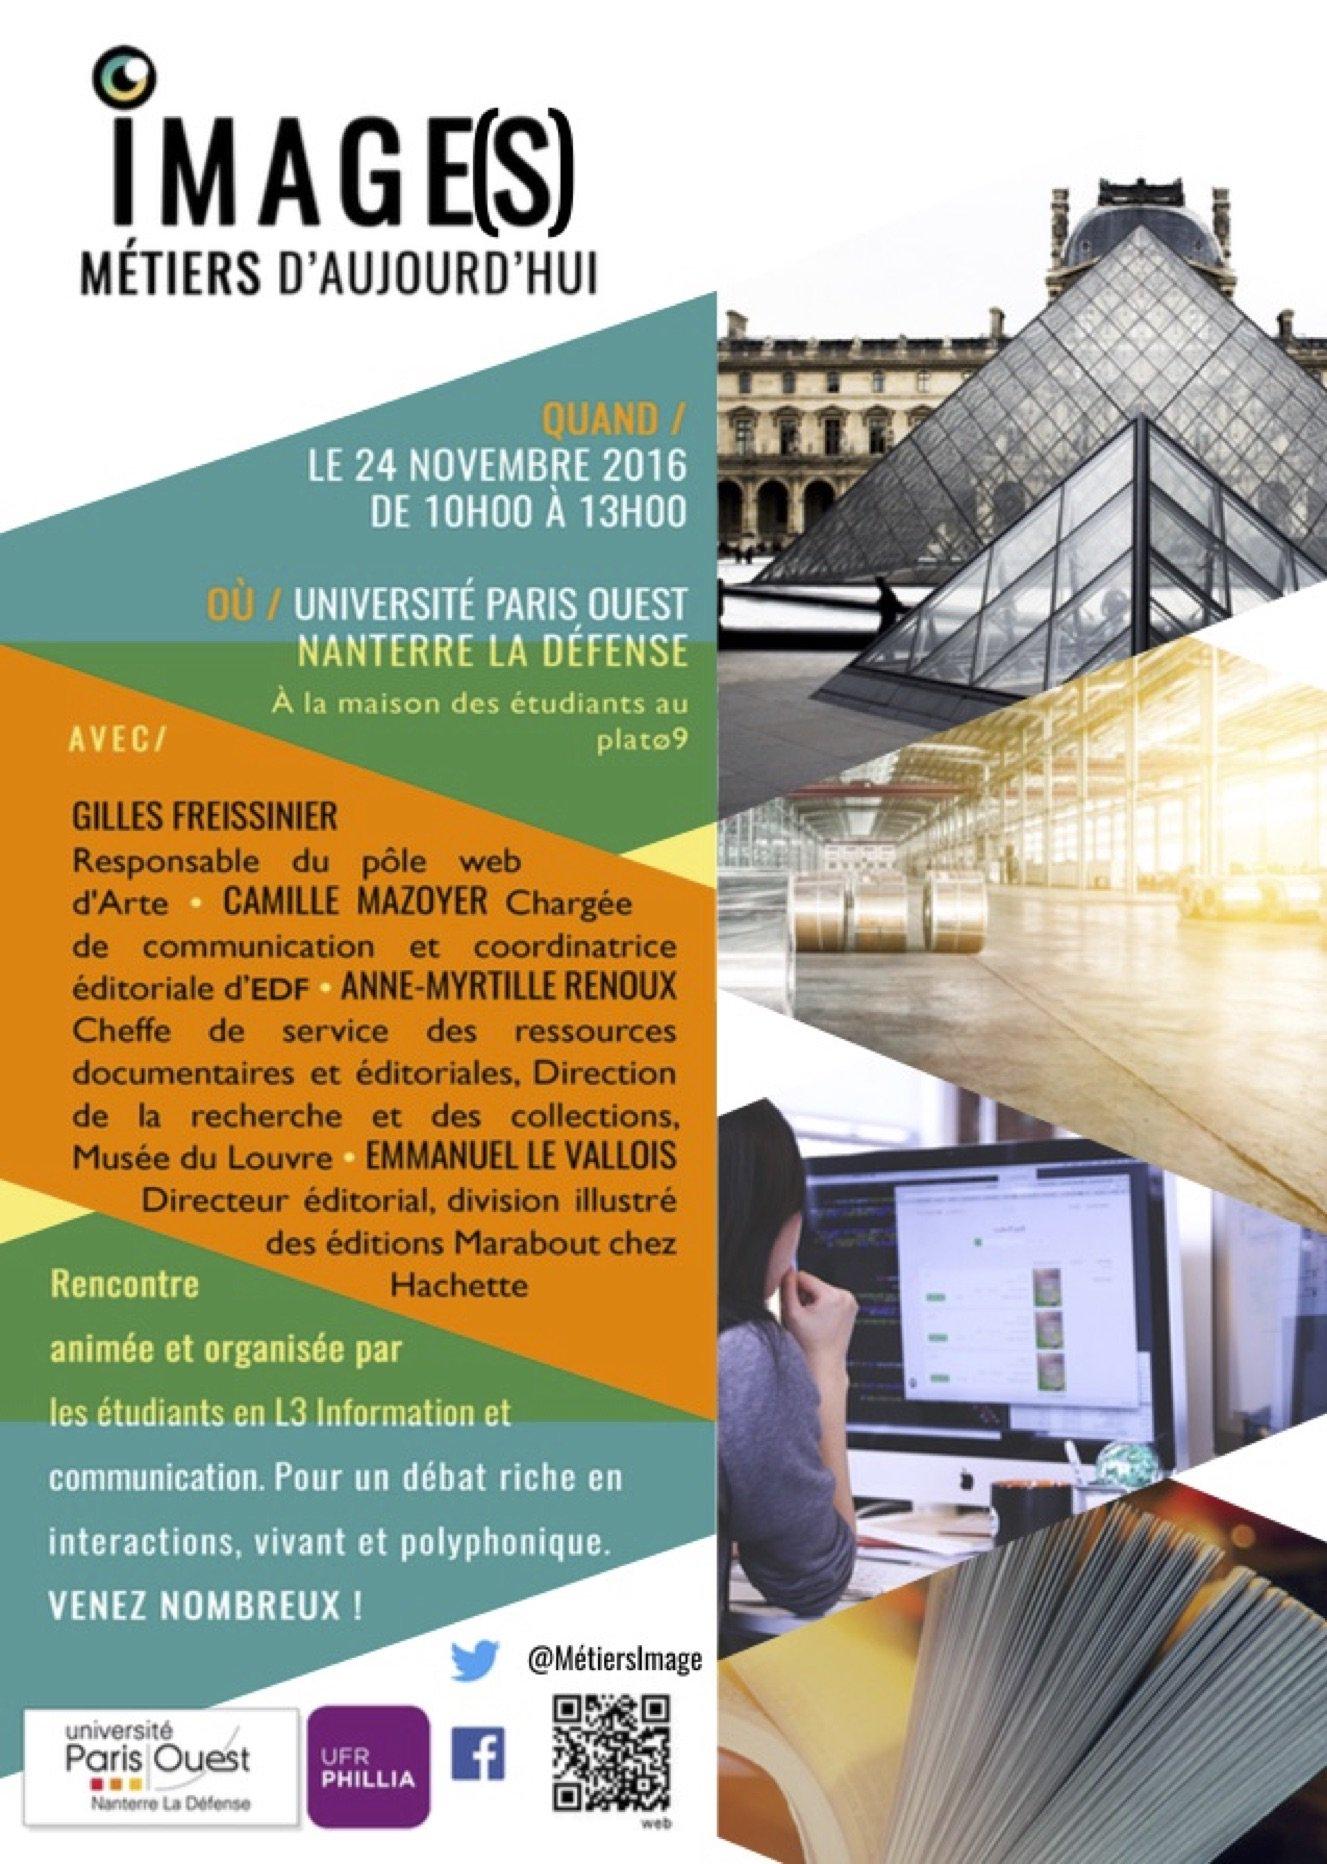 RV le 24/11 pour la 4e édition des rencontres #MetiersImage organisées par la licence infocom de @parisouest  https://t.co/6p0o5laBl9 https://t.co/jSpgPOiwAU